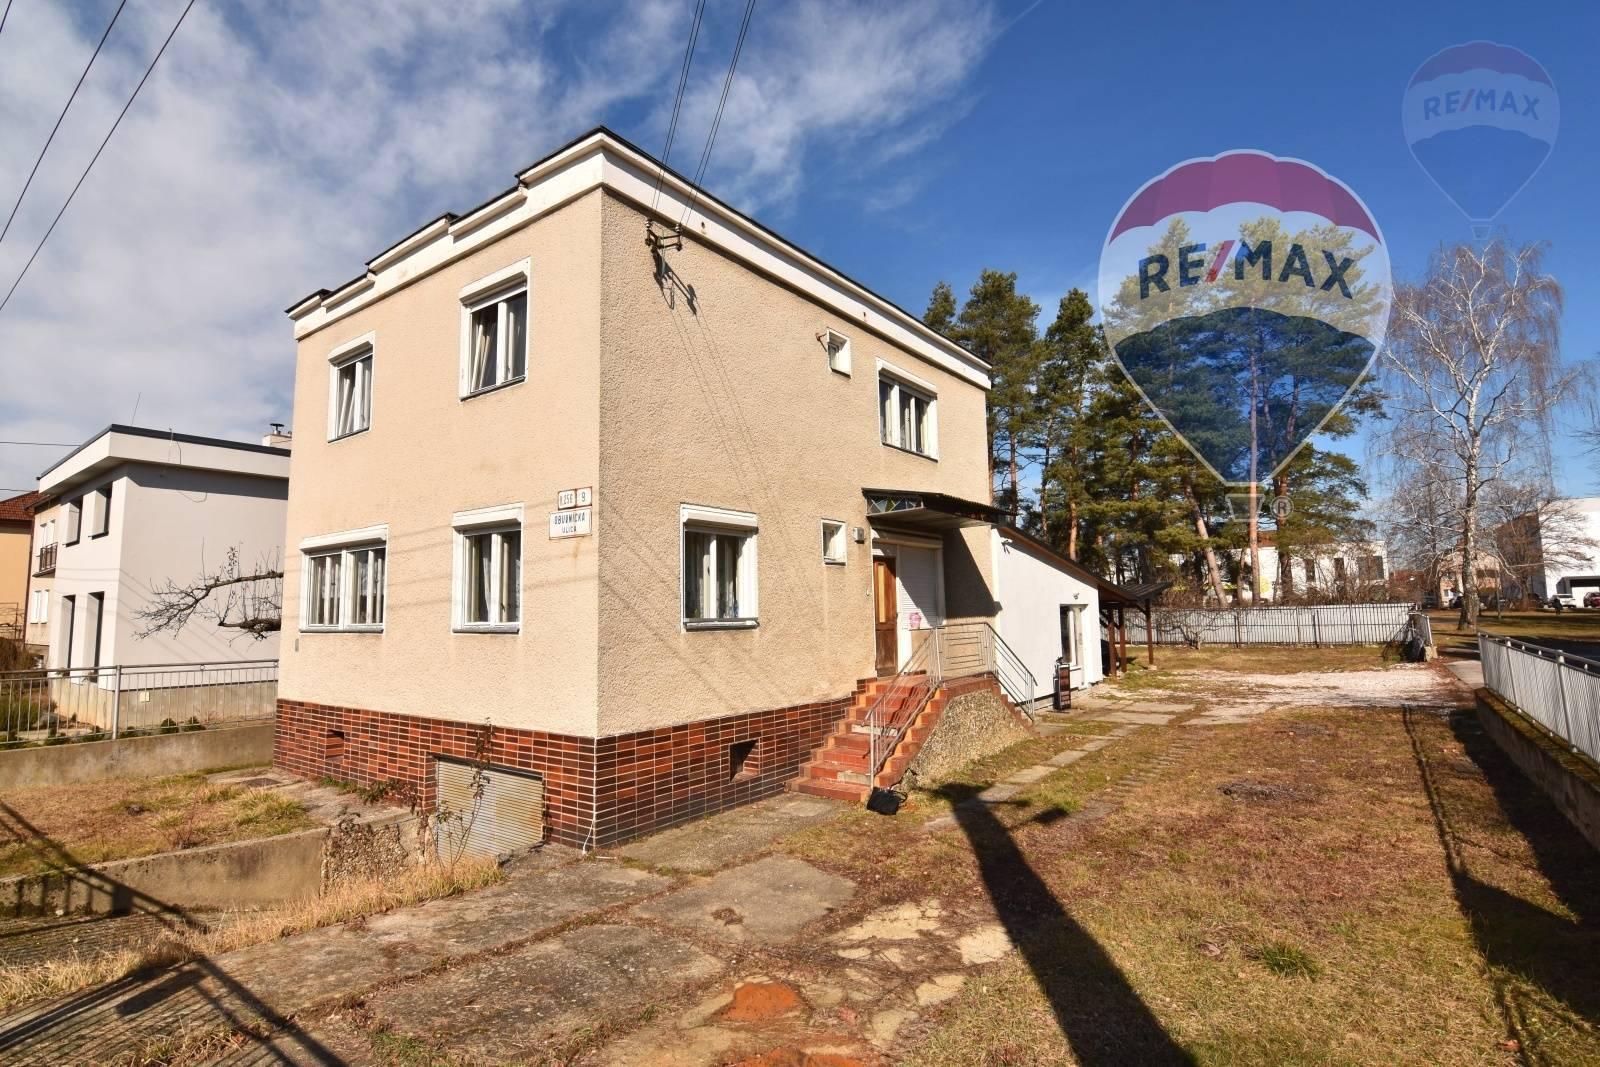 Prenájom domu 250 m2, Prievidza - Rodinný dom 250m2 Prievidza Rodinný dom 250m2 Prievidza